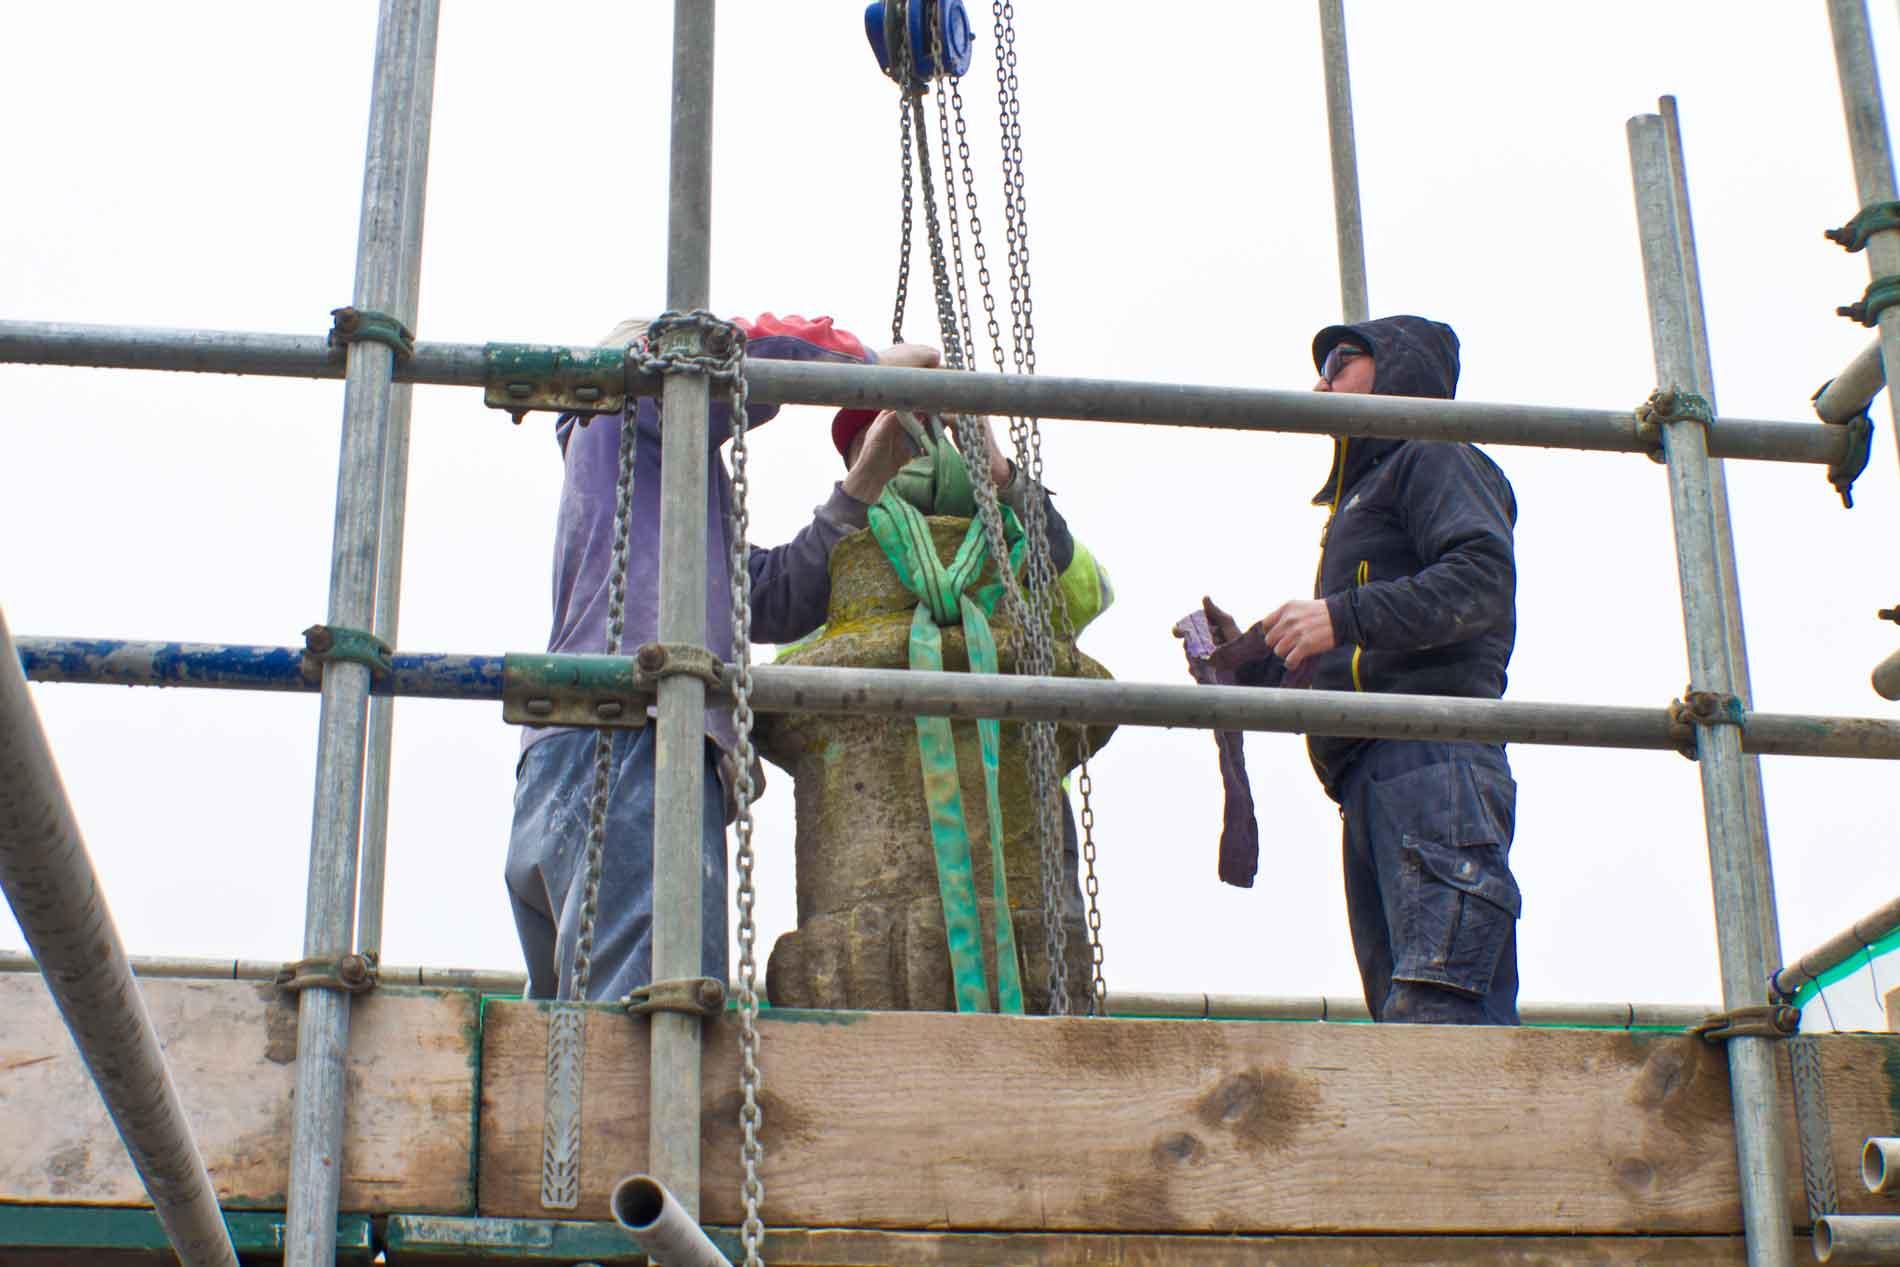 Tightening The Straps Around The Urn